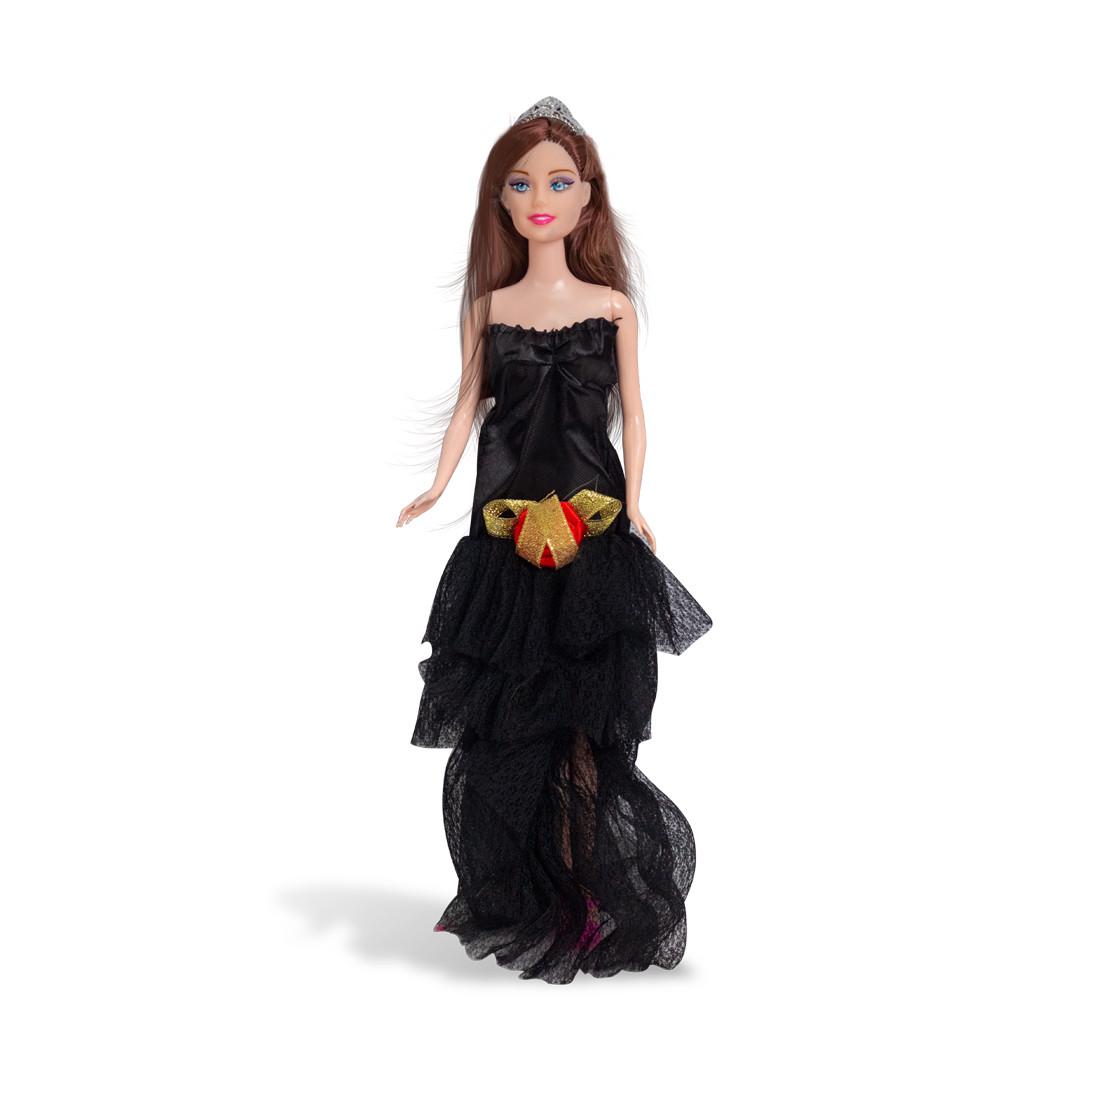 Кукла 29см, X Game kids, 9314, Серия Emily Сказочный бал, Подарочная упаковка, Чёрное платье, Пластик, Цветная